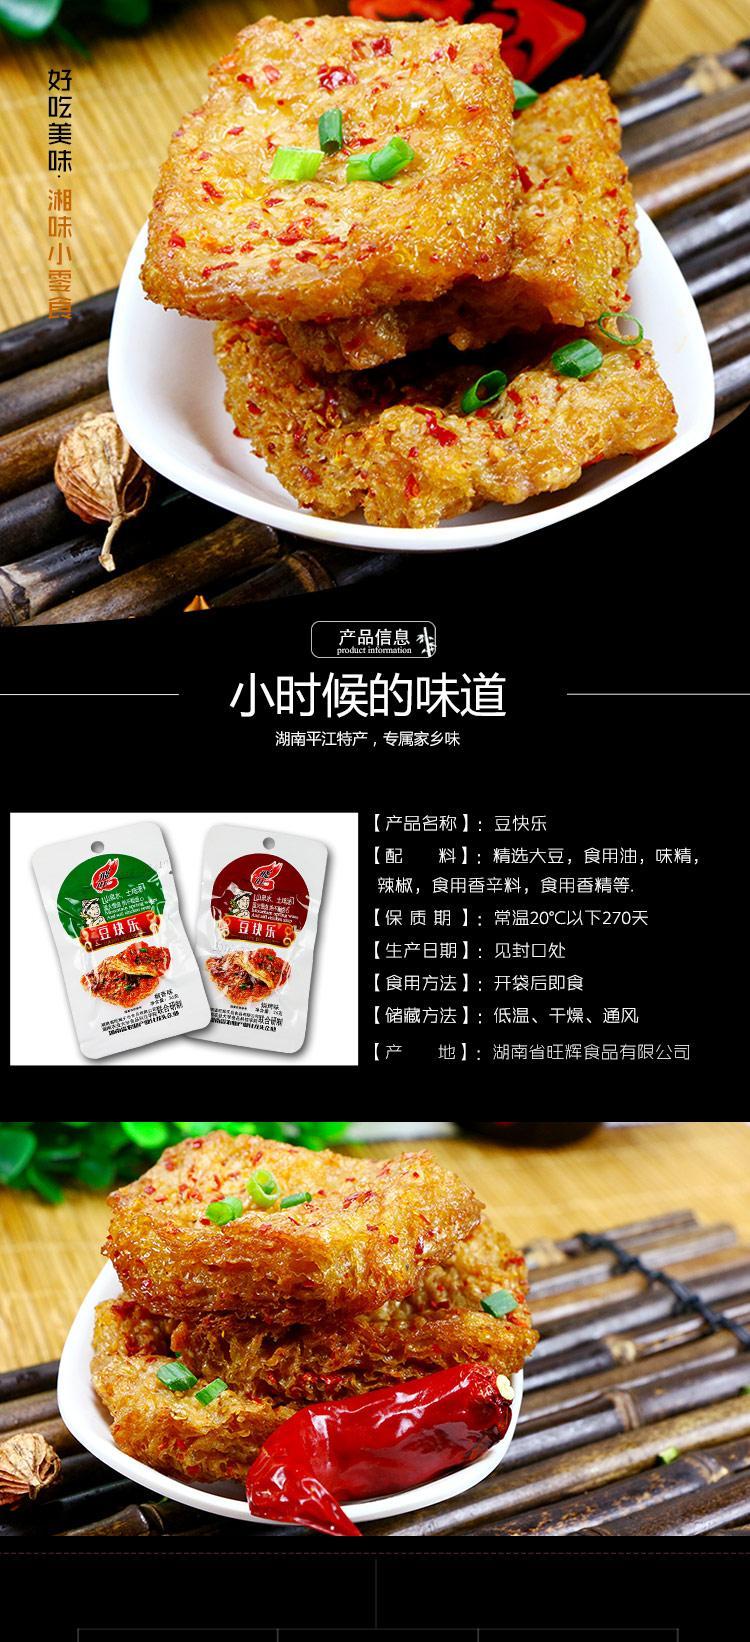 【镇安馆】陕西特产手撕腊肉 腊肉干猪肉干零食大礼包 ... -京东